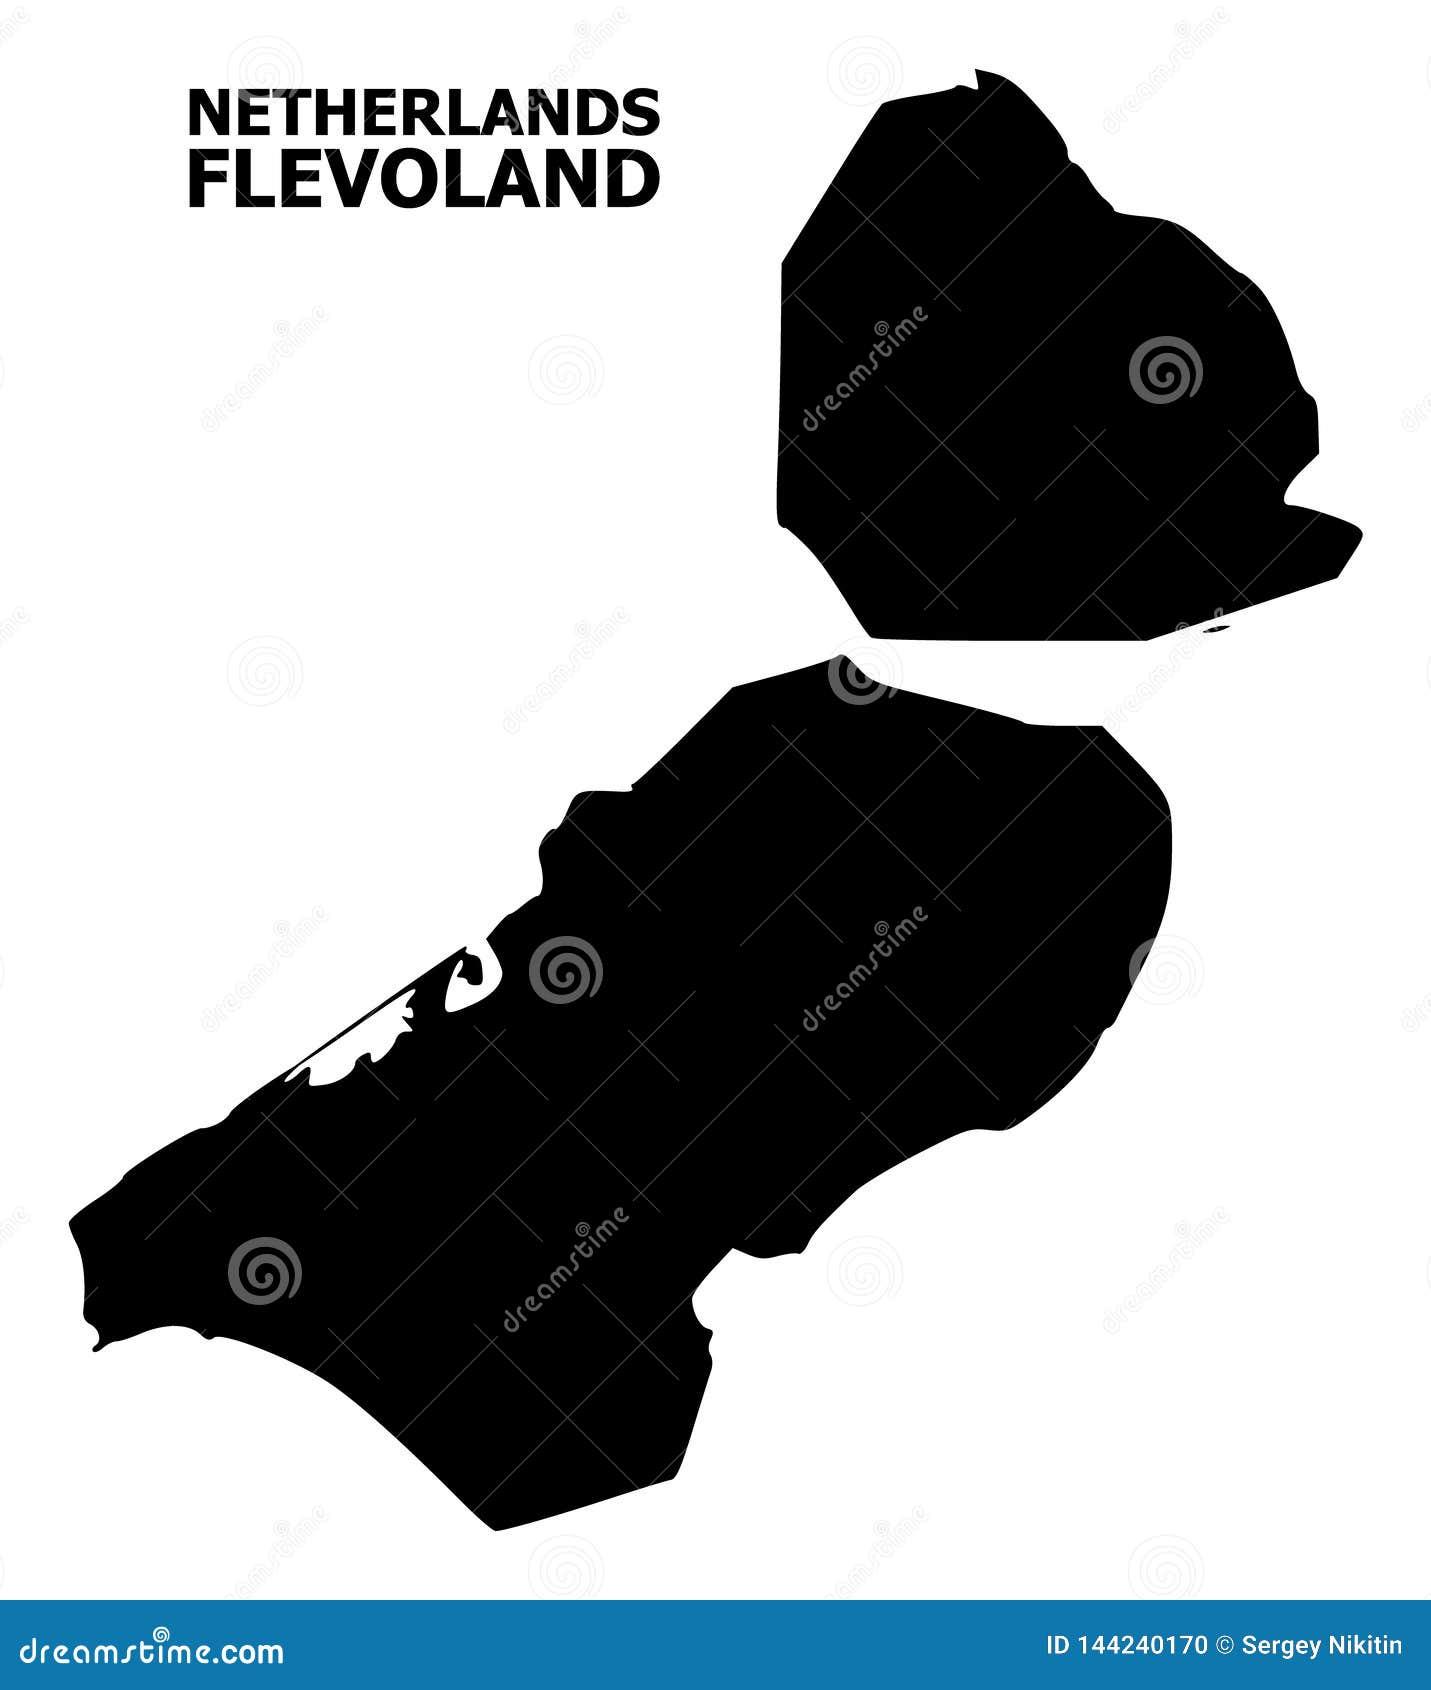 Διανυσματικός επίπεδος χάρτης της επαρχίας του Flevoland με το όνομα